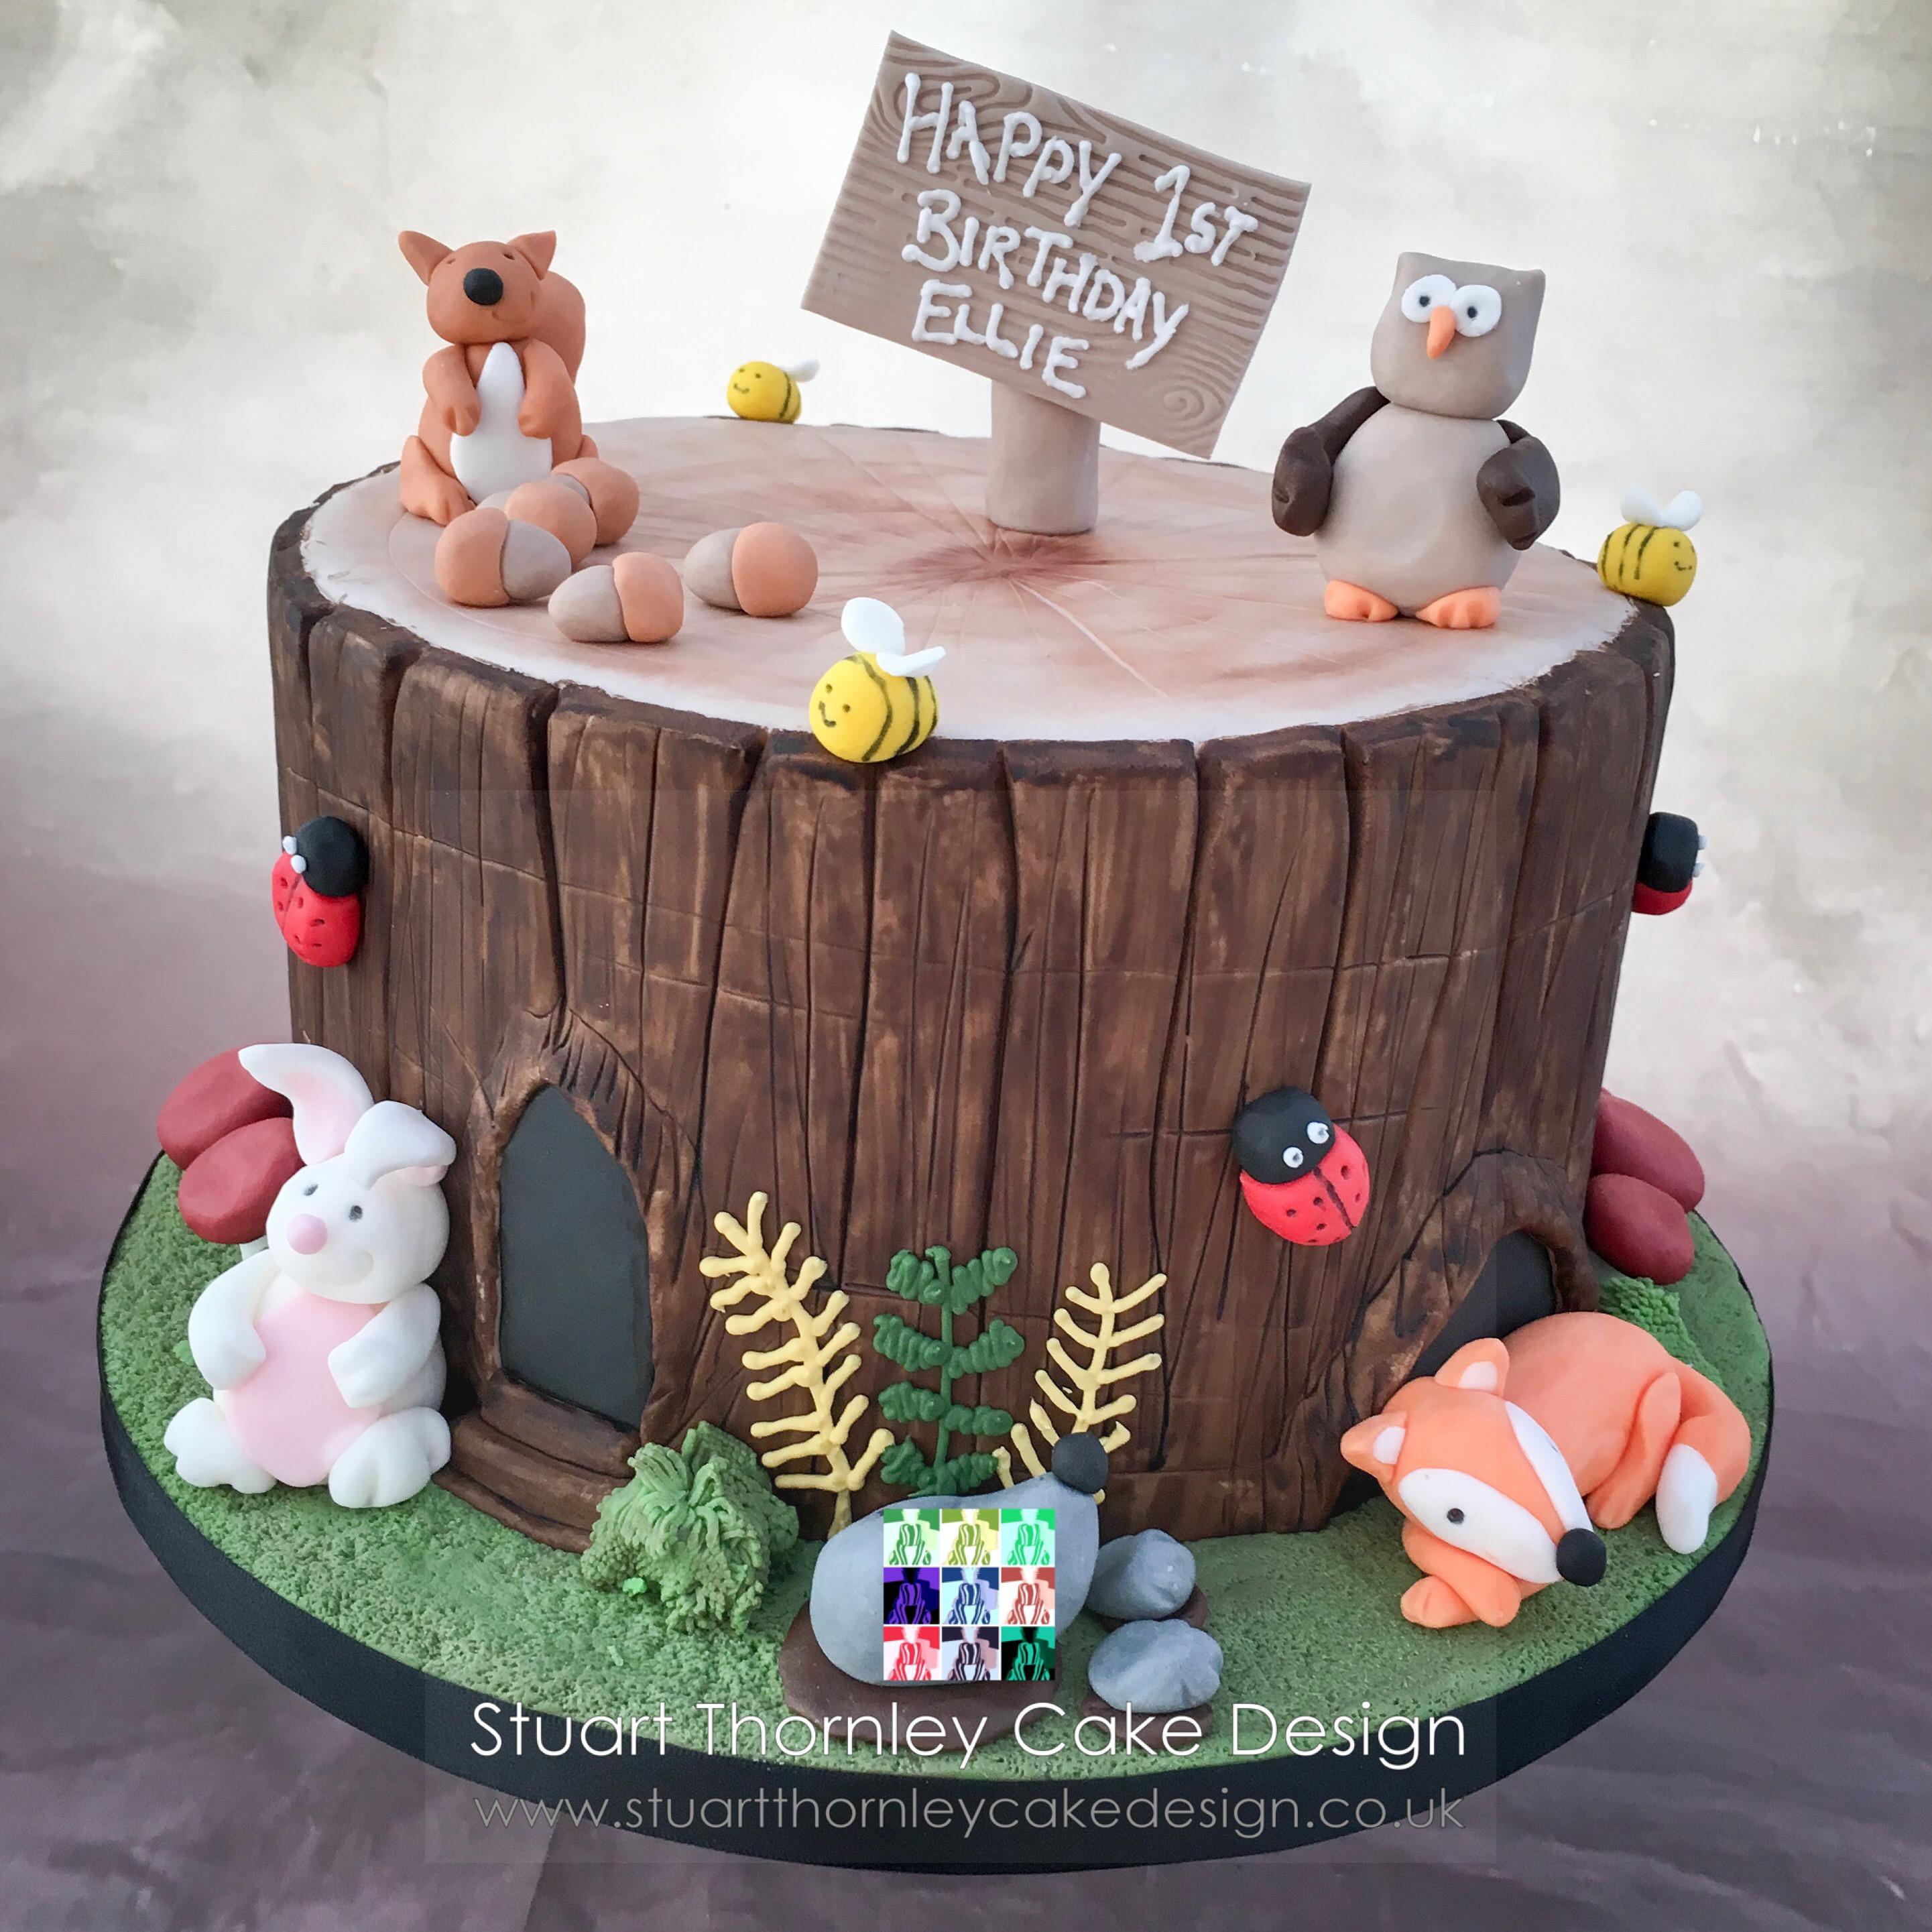 Stuart Thornley Cake Design